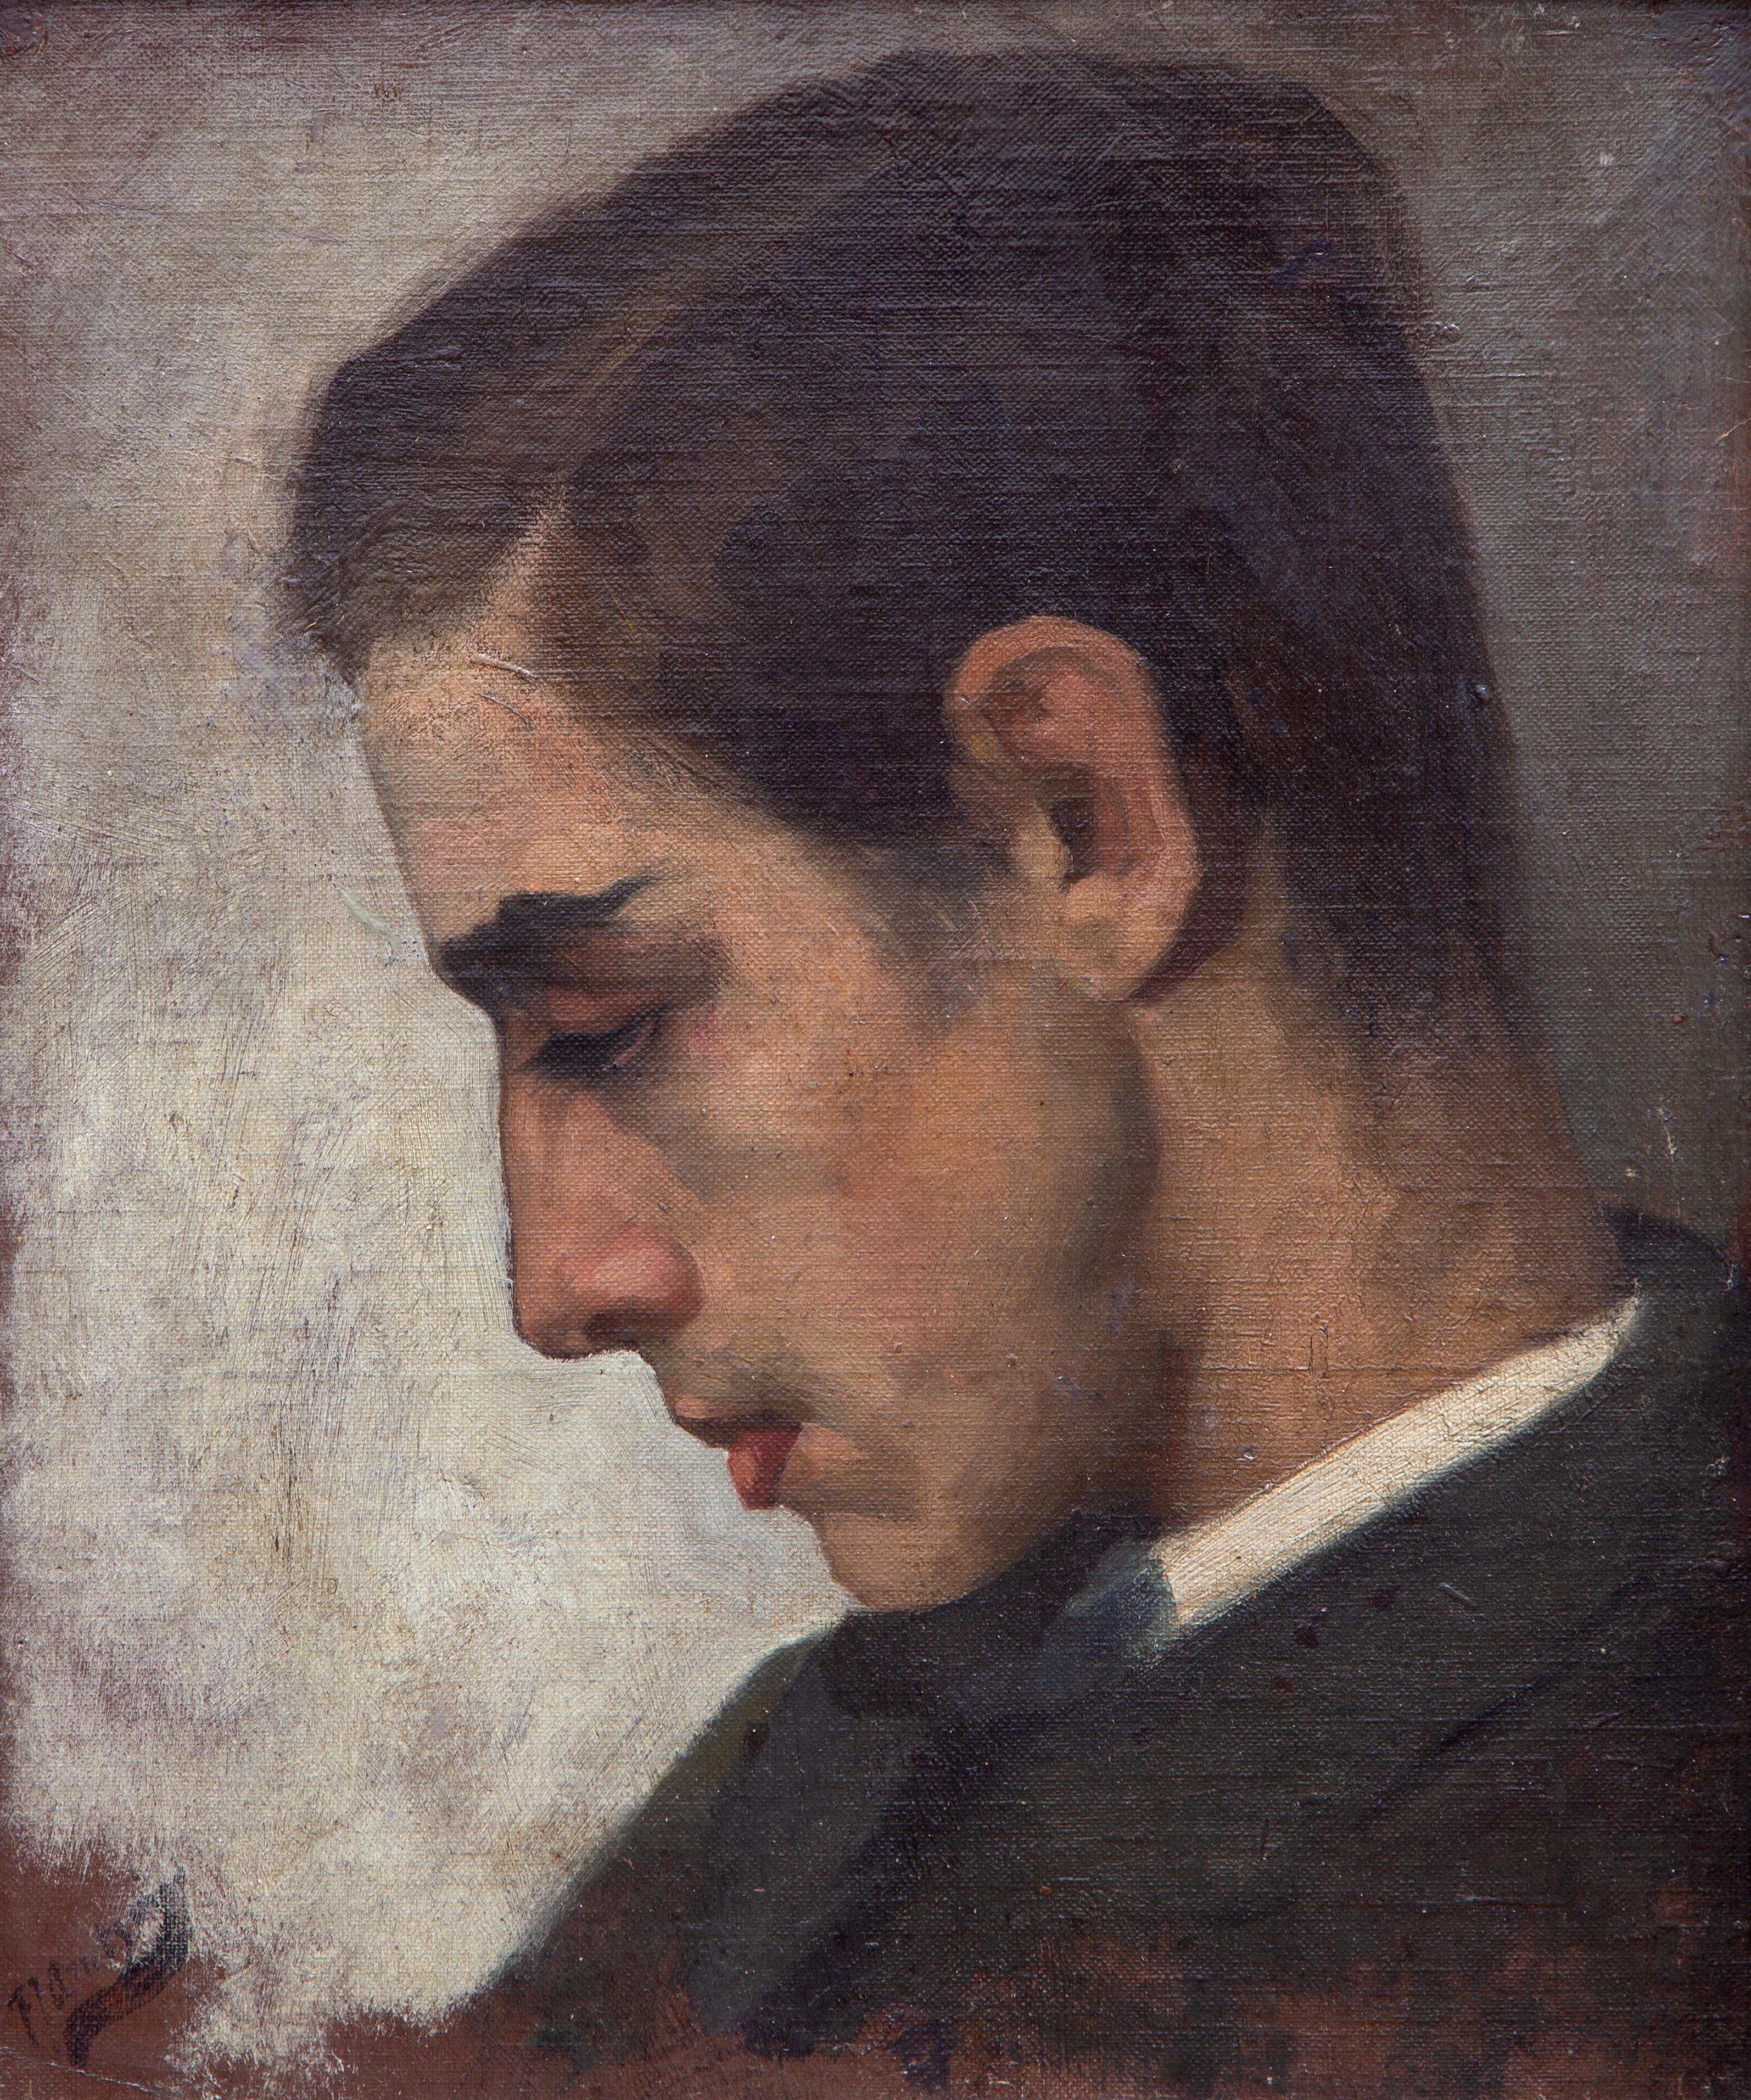 A portrait of Louis Davids